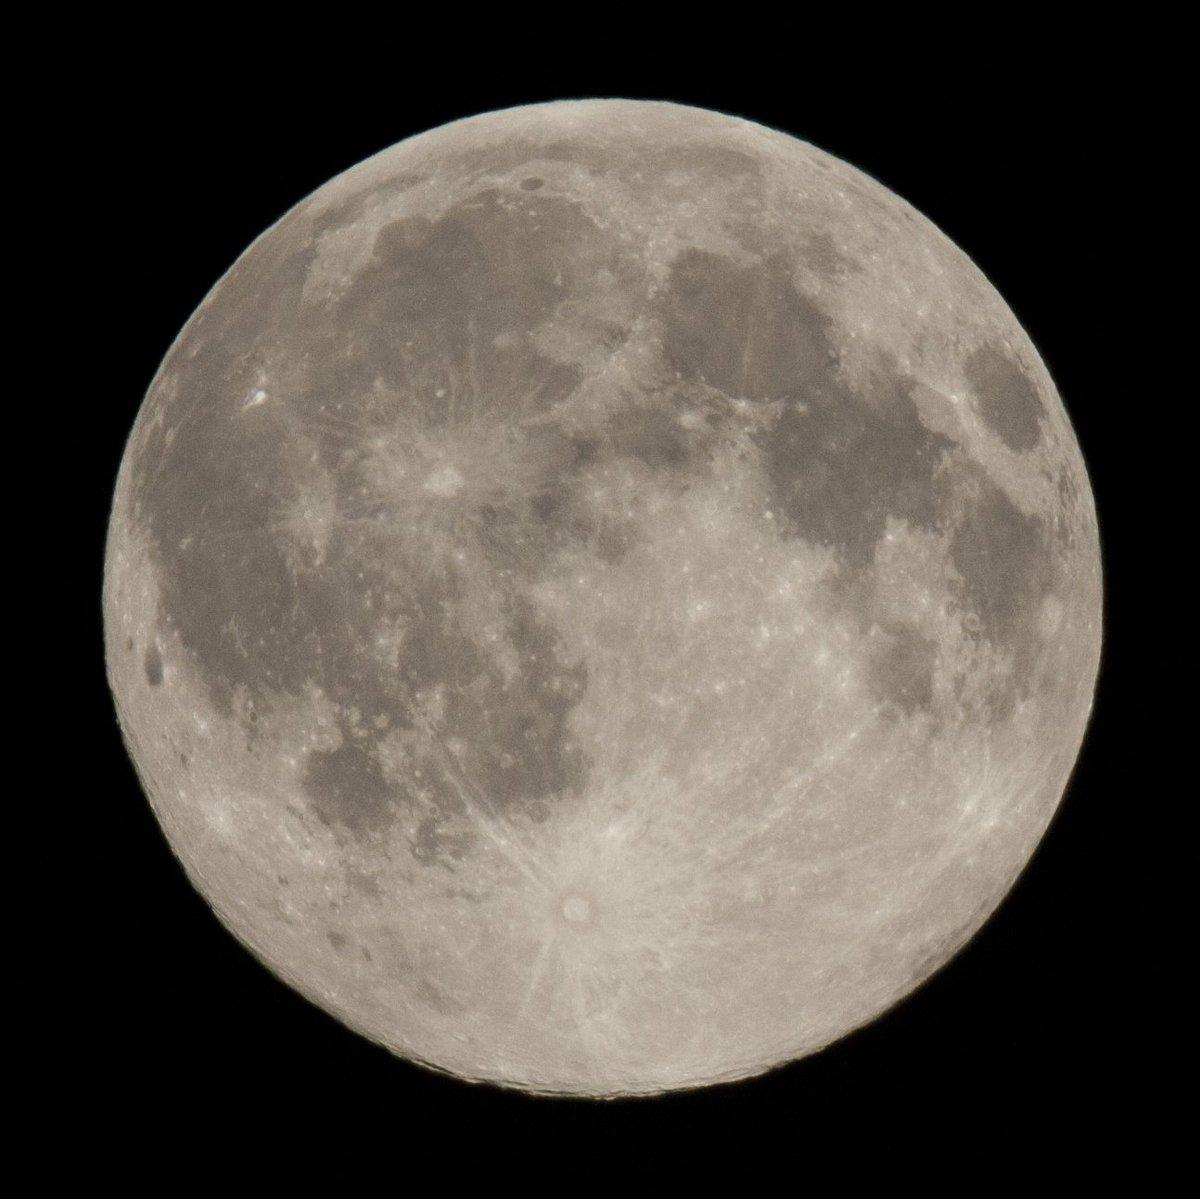 2016년 5월22일 새벽 1시 11분 달은 언제 보아도 달콤하다. 풀바디는 별 궤적 촬영중이라 크롭바디로 촬영했는데 풀바디 보다 더 달달하게 촬영된다. https://t.co/xXFLye19Mh